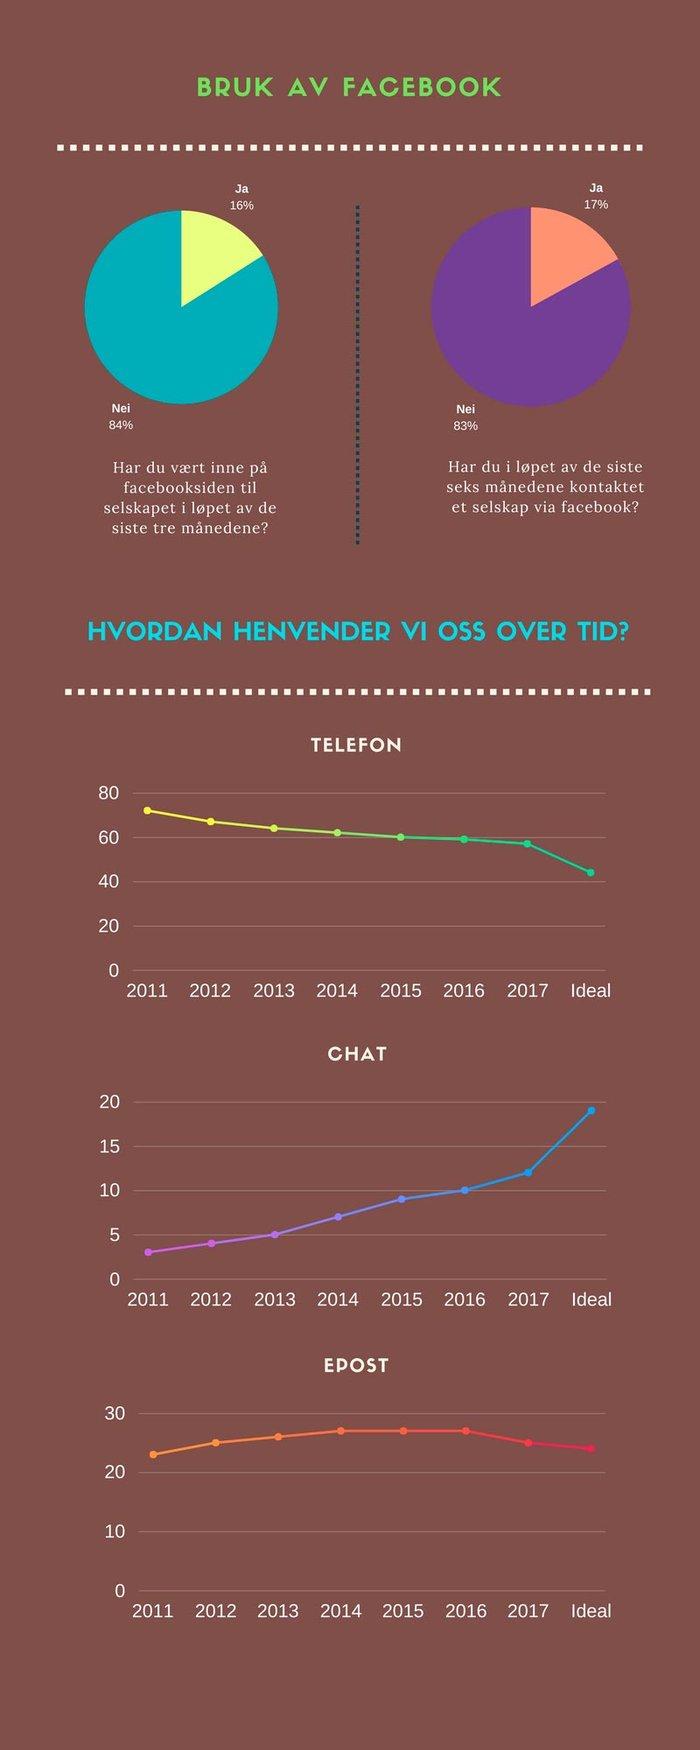 KSindeks avdekker de nyeste trendene og retningene kundeservice tar